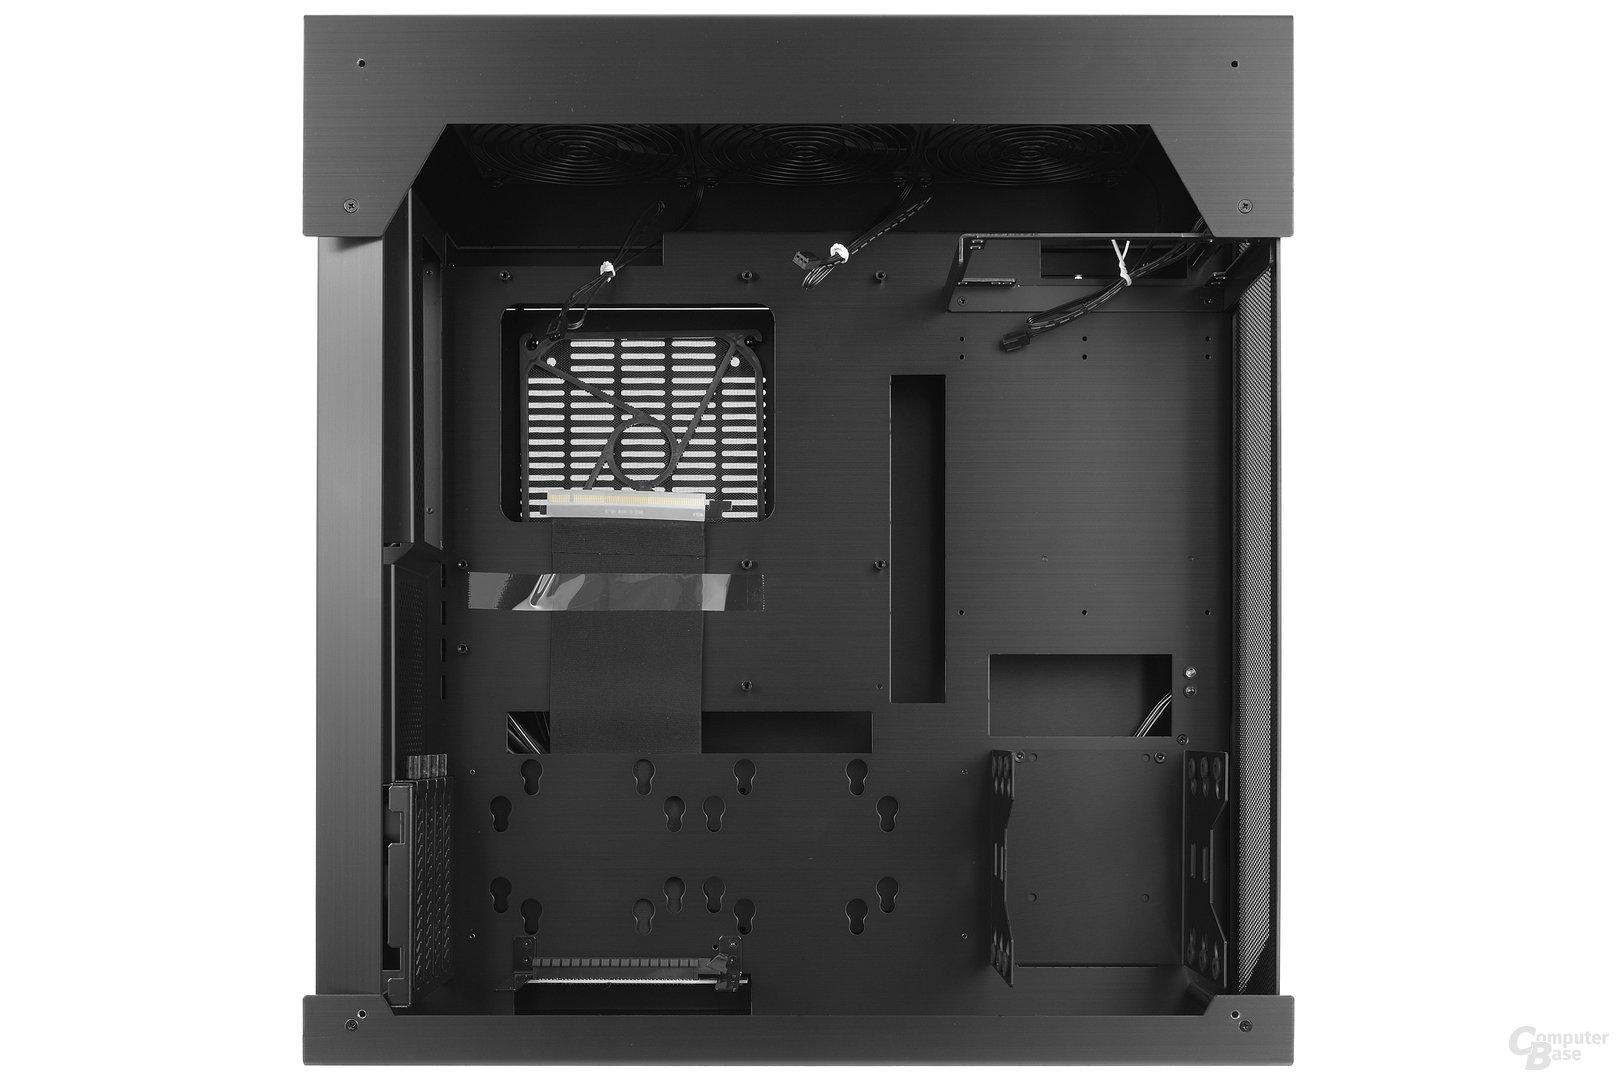 Lian Li PC-O6S – Innenraumansicht